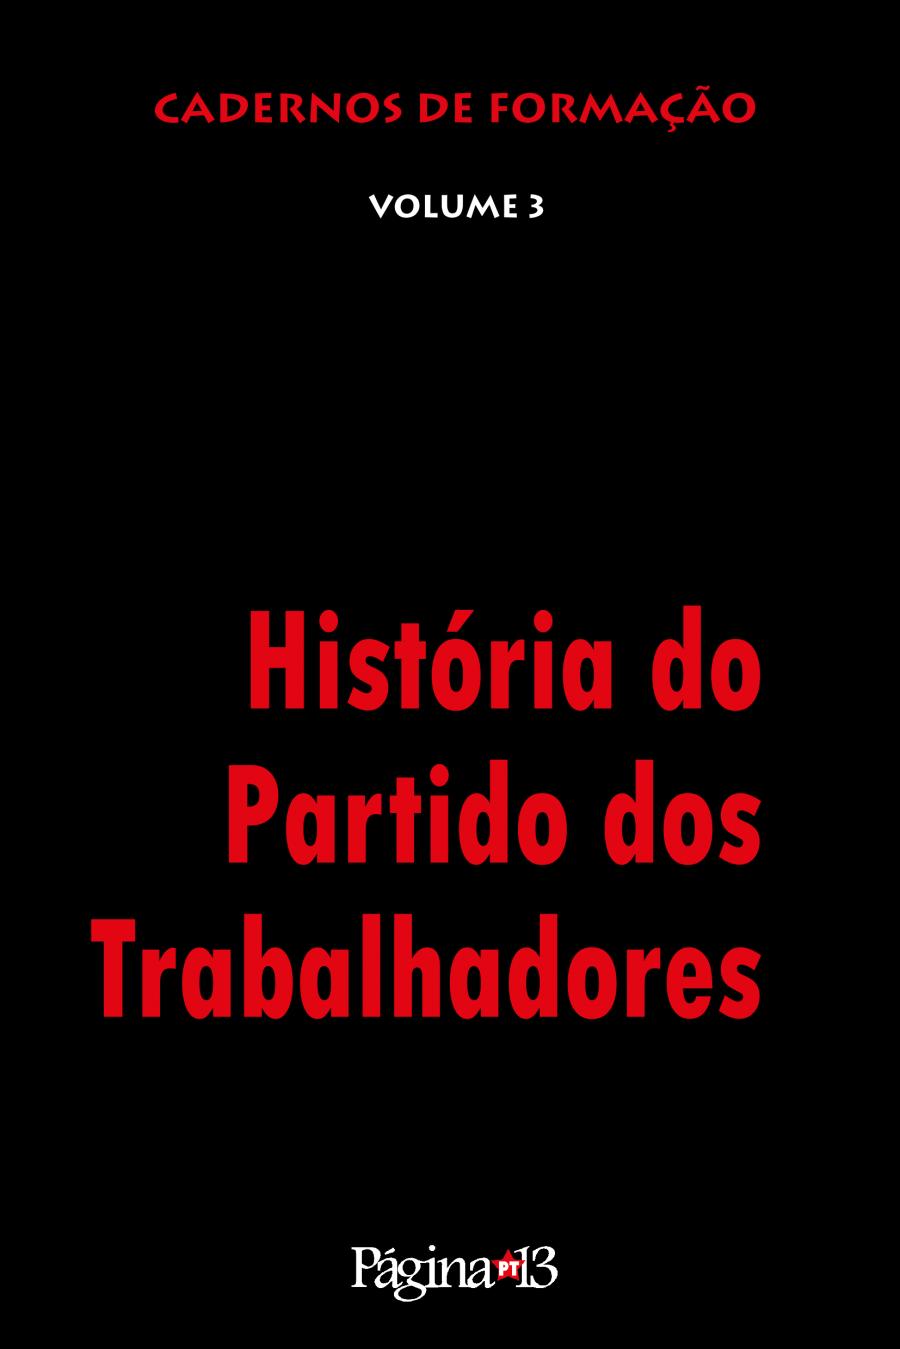 Cadernos de Formação Vol. 3 - História do PT